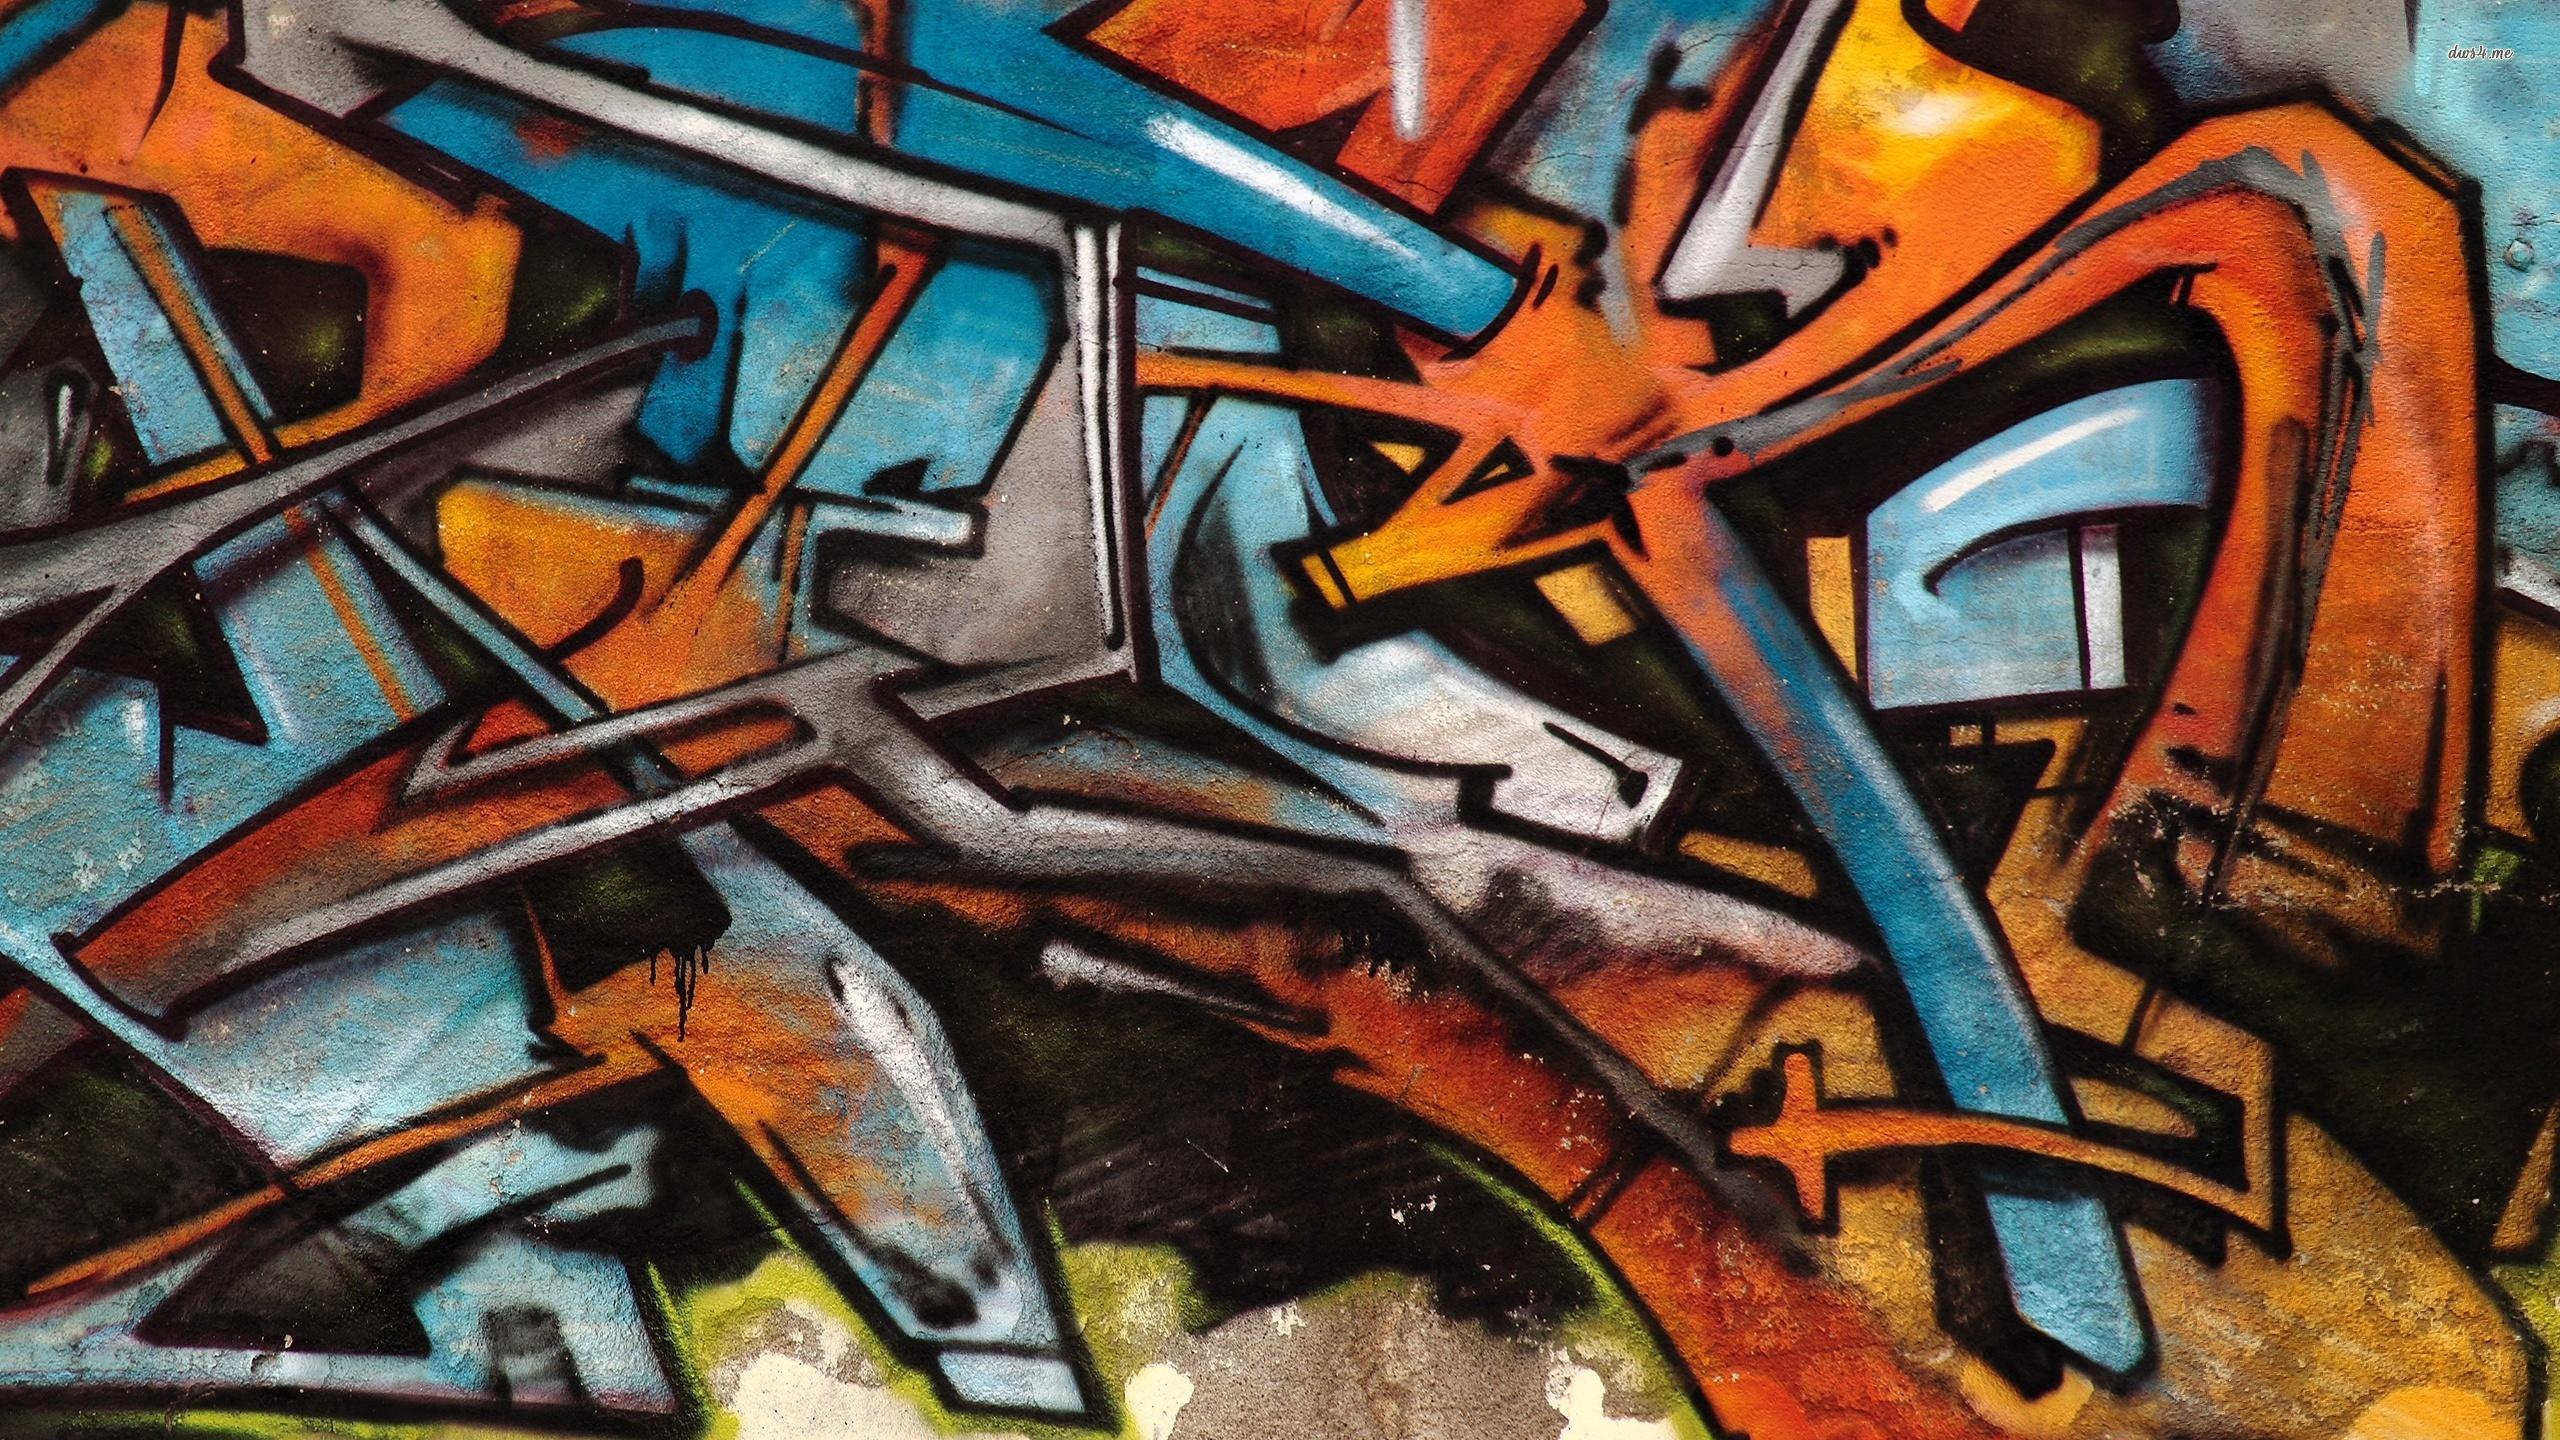 Graffiti Hd Duvar Kağıdı Arka Plan 2560x1440 Id513048